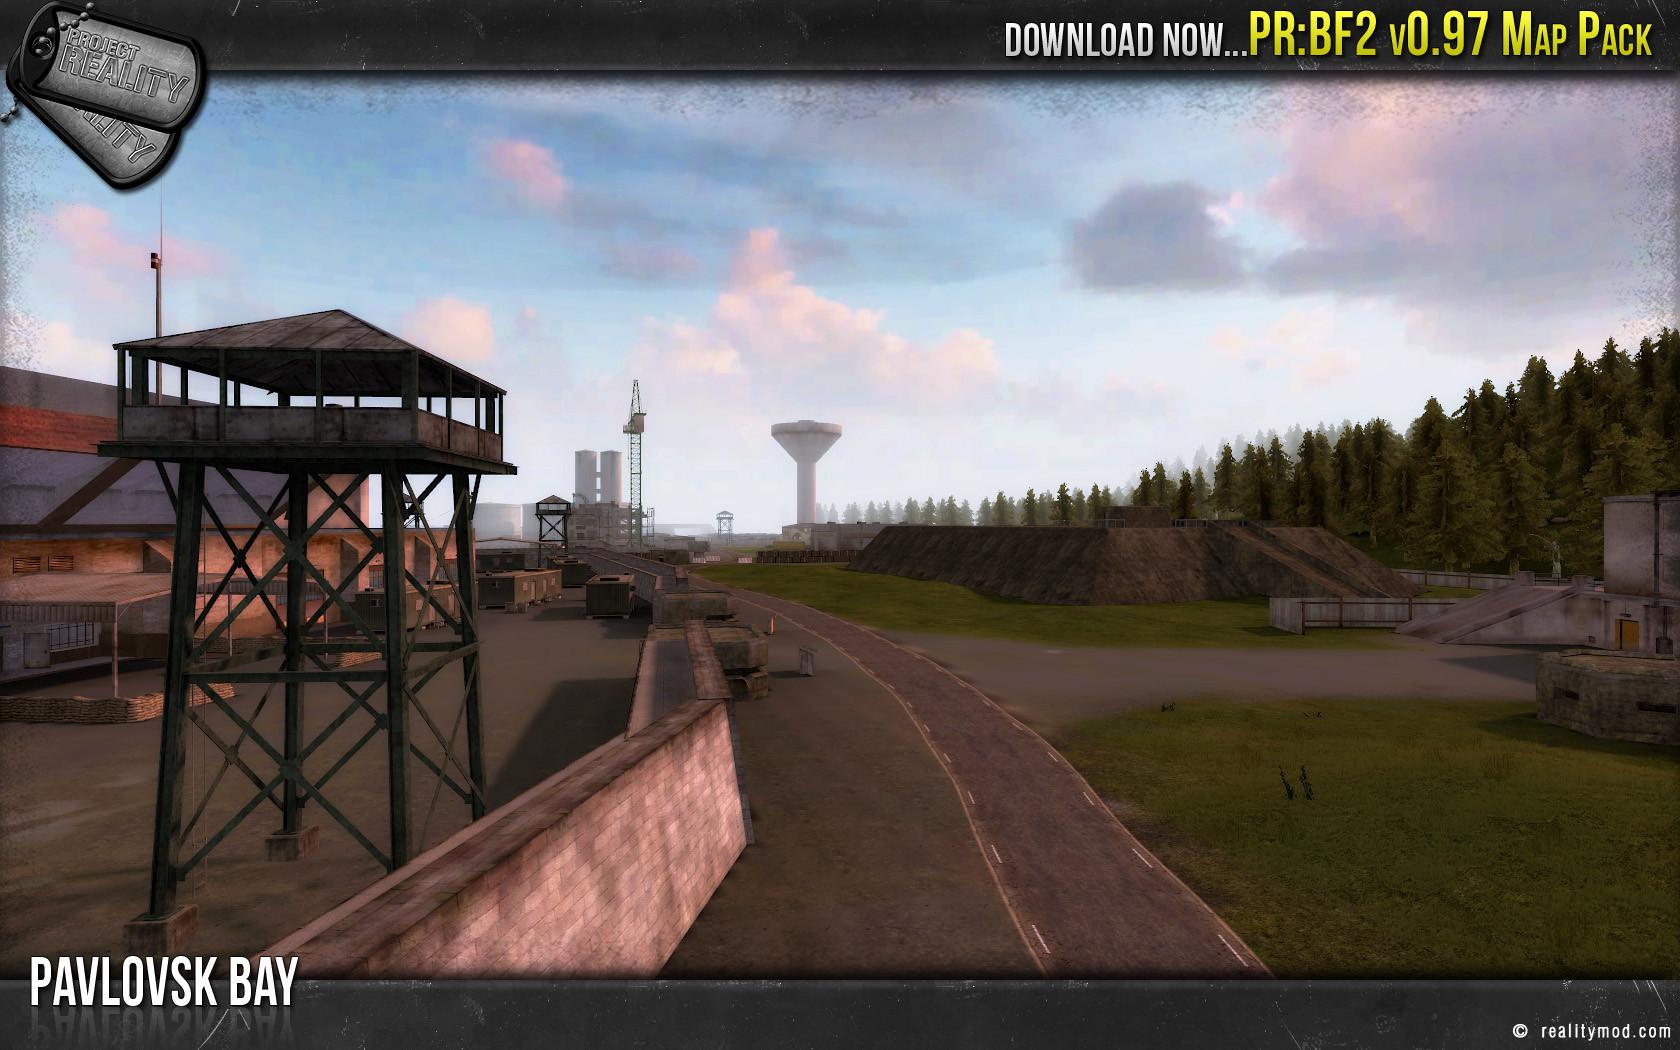 [PR BF2] Pavlovsk Bay Pavlovsk_bay